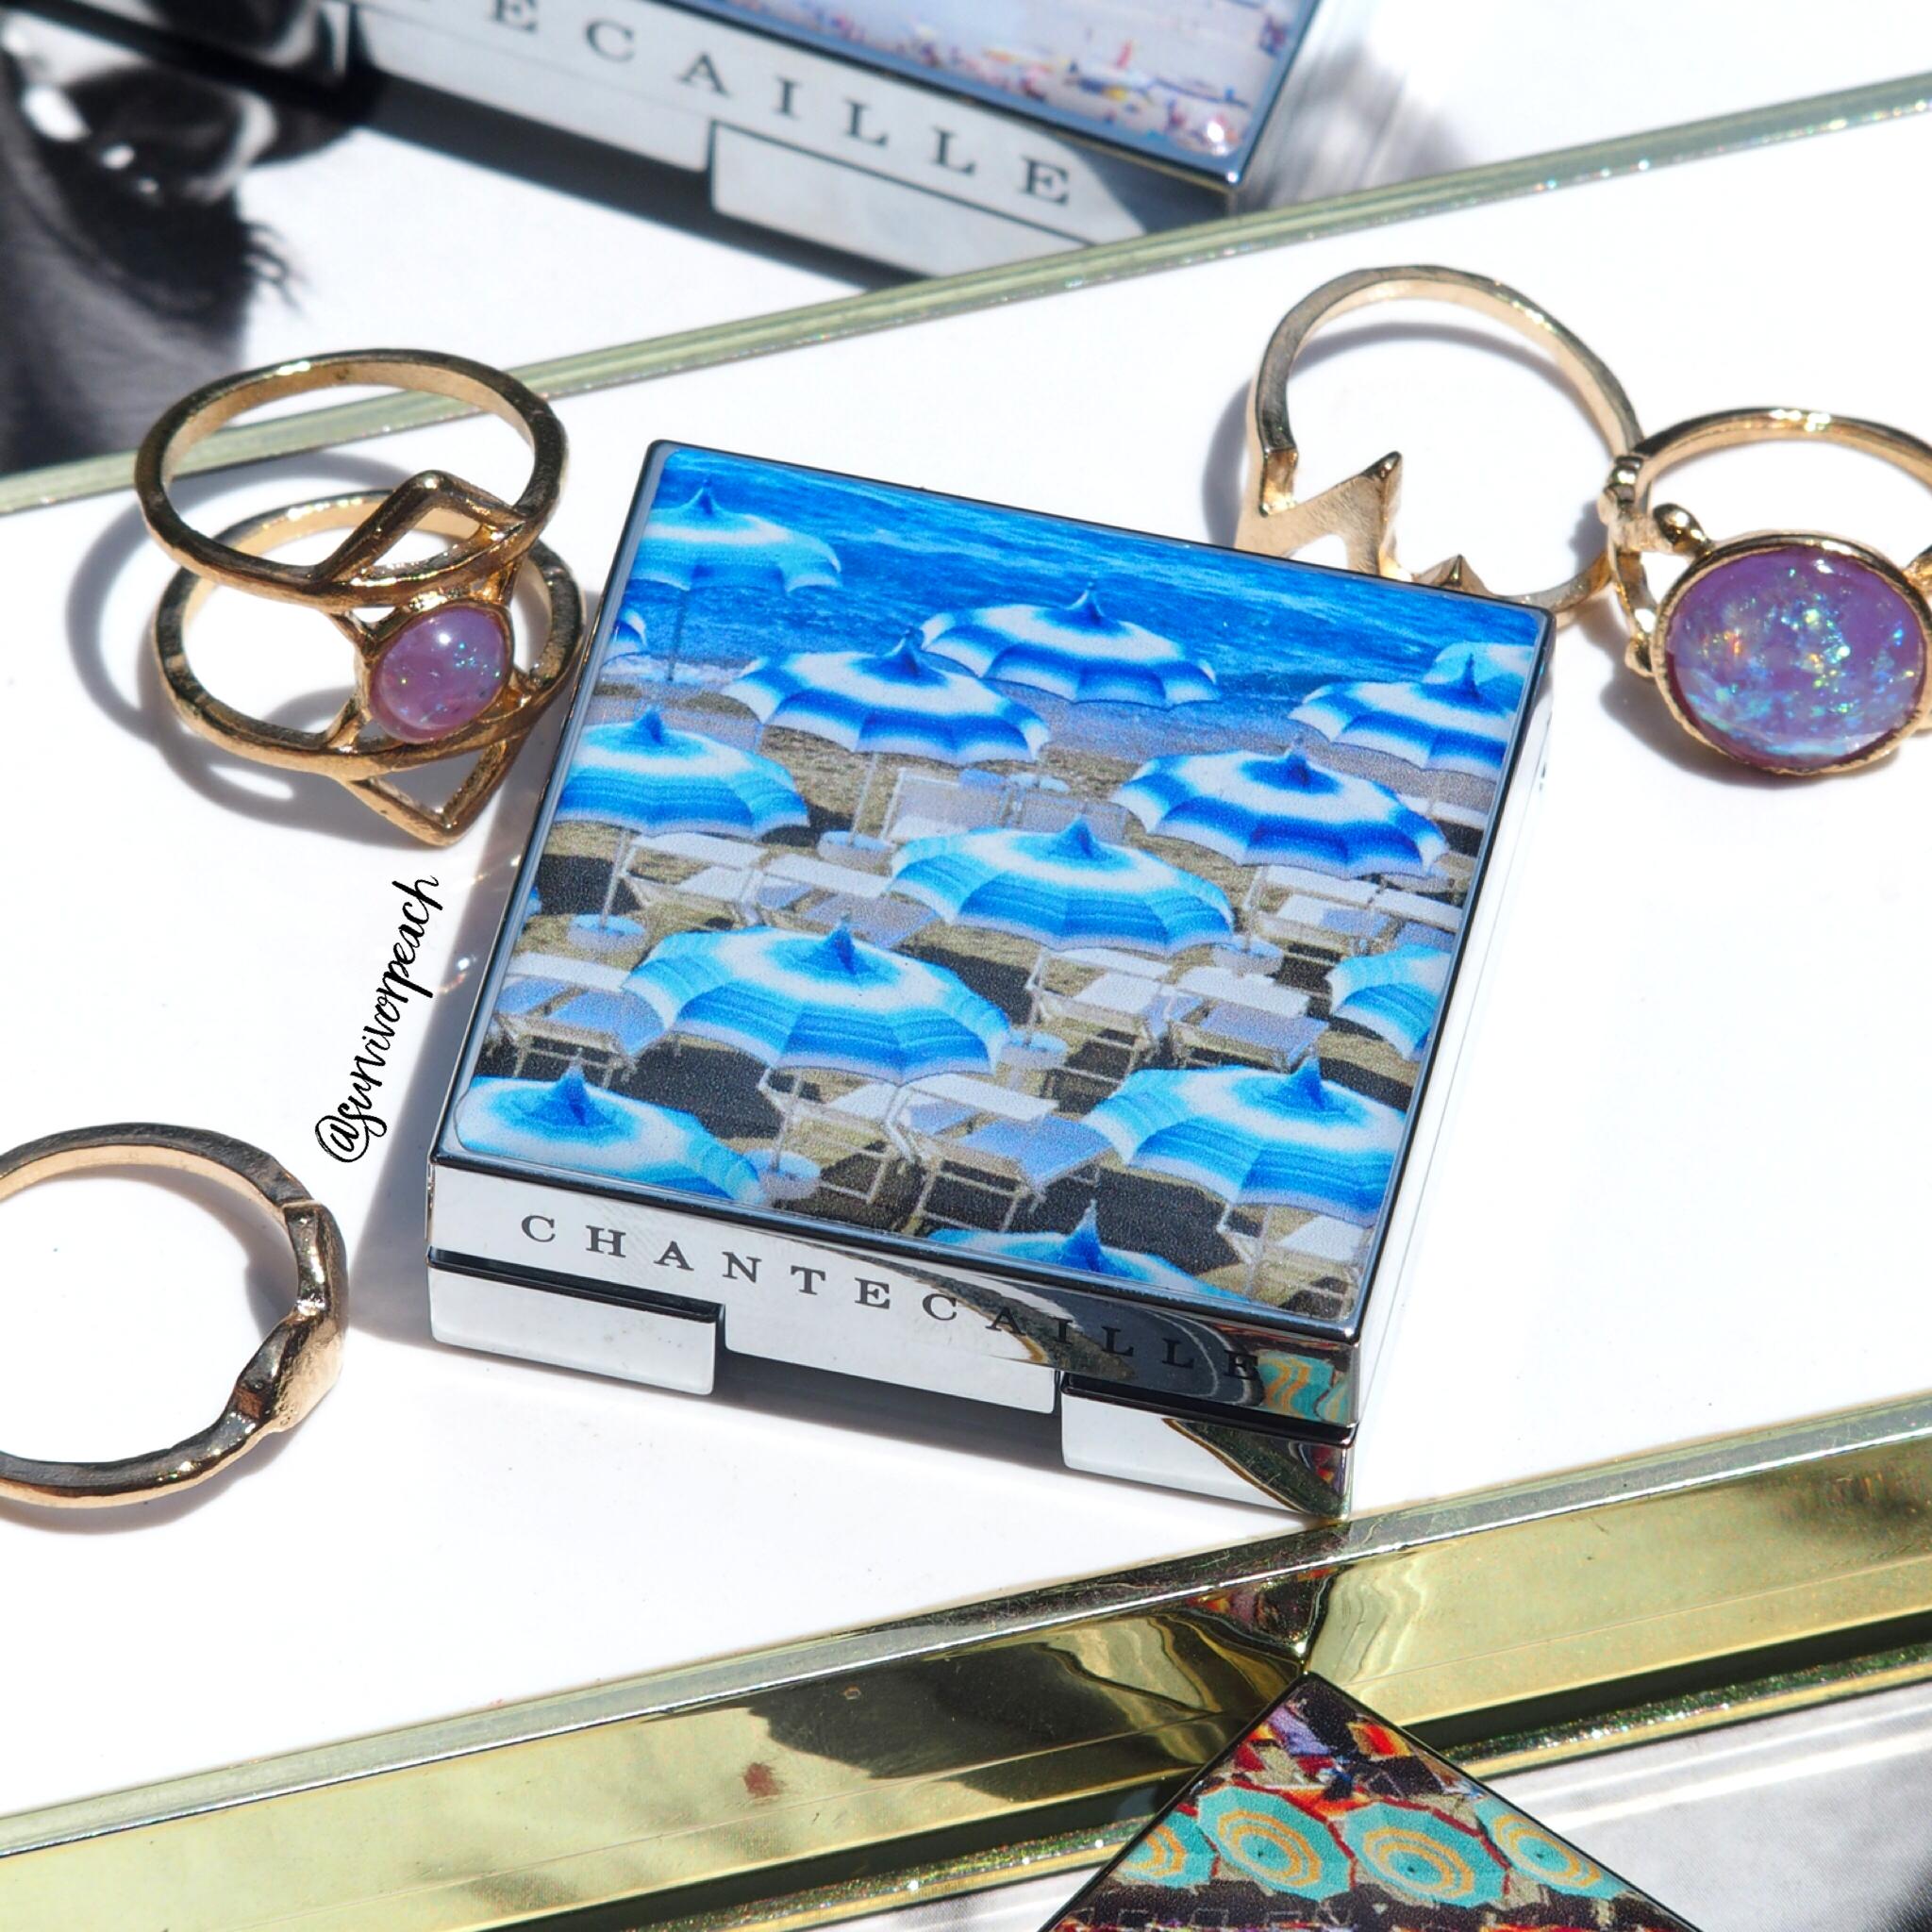 The Chantecaille Summer Positano collection Luminous Eye shade Mare